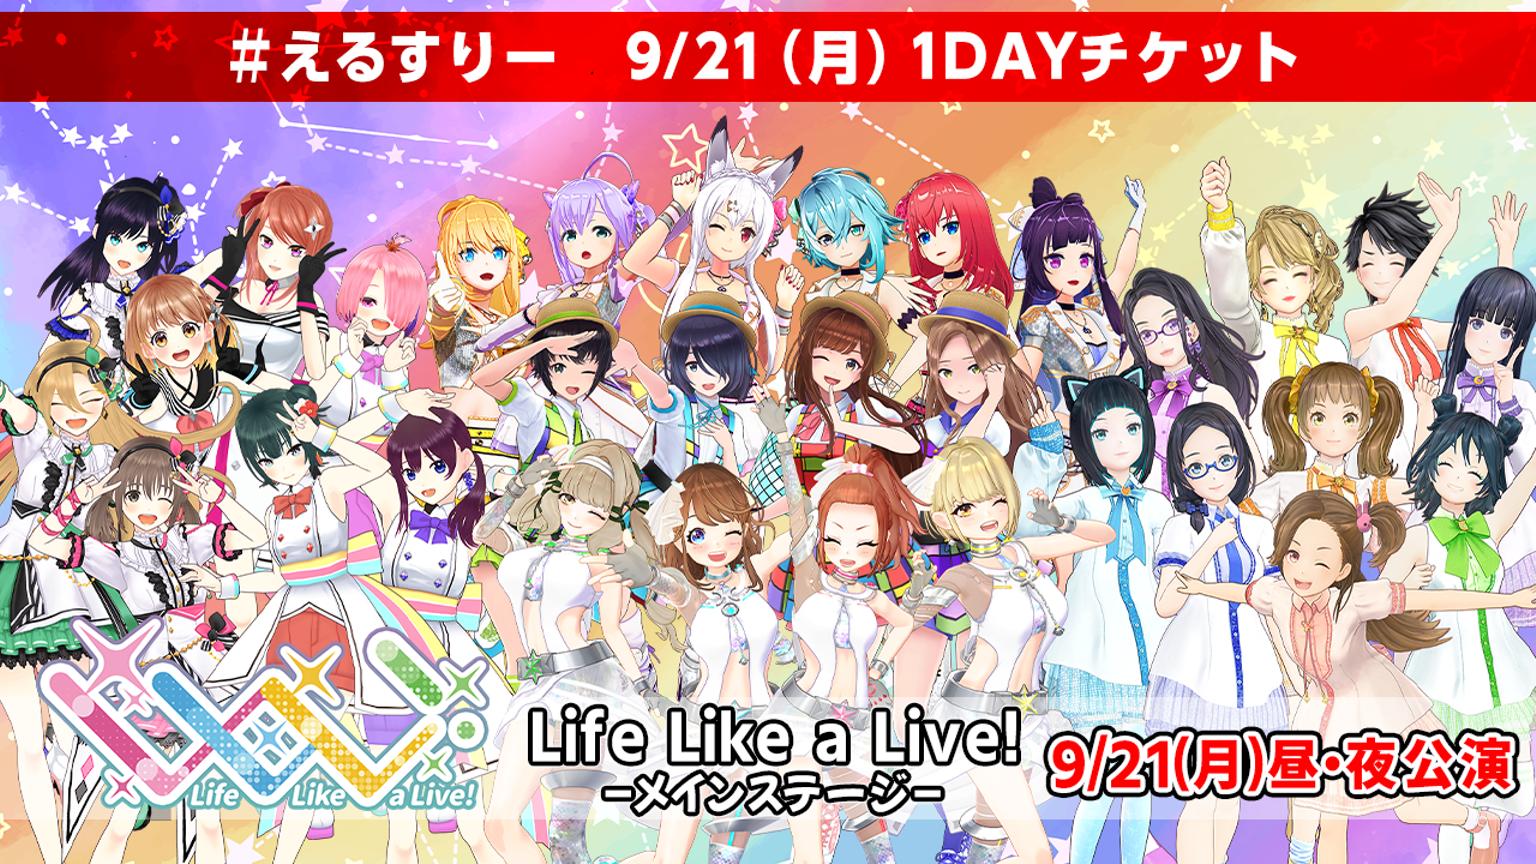 【9/21(月・祝)昼夜】Life Like a Live!